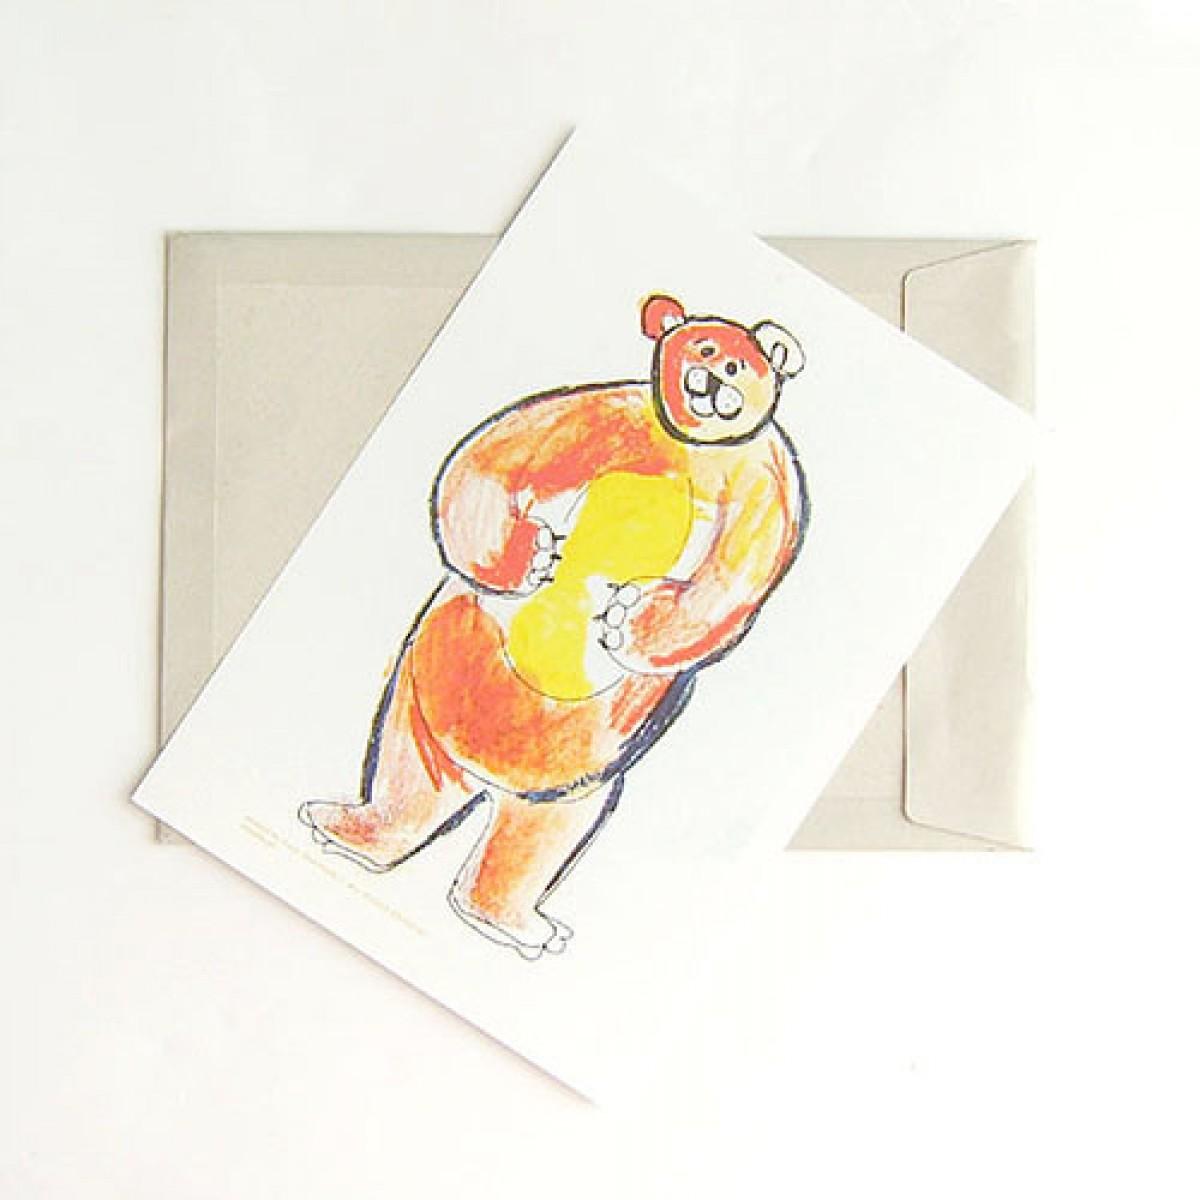 miś plakat dla dzieci, ładny plakat z misiem, fajny obrazek z misiem, grafika do dziecięcego pokoju